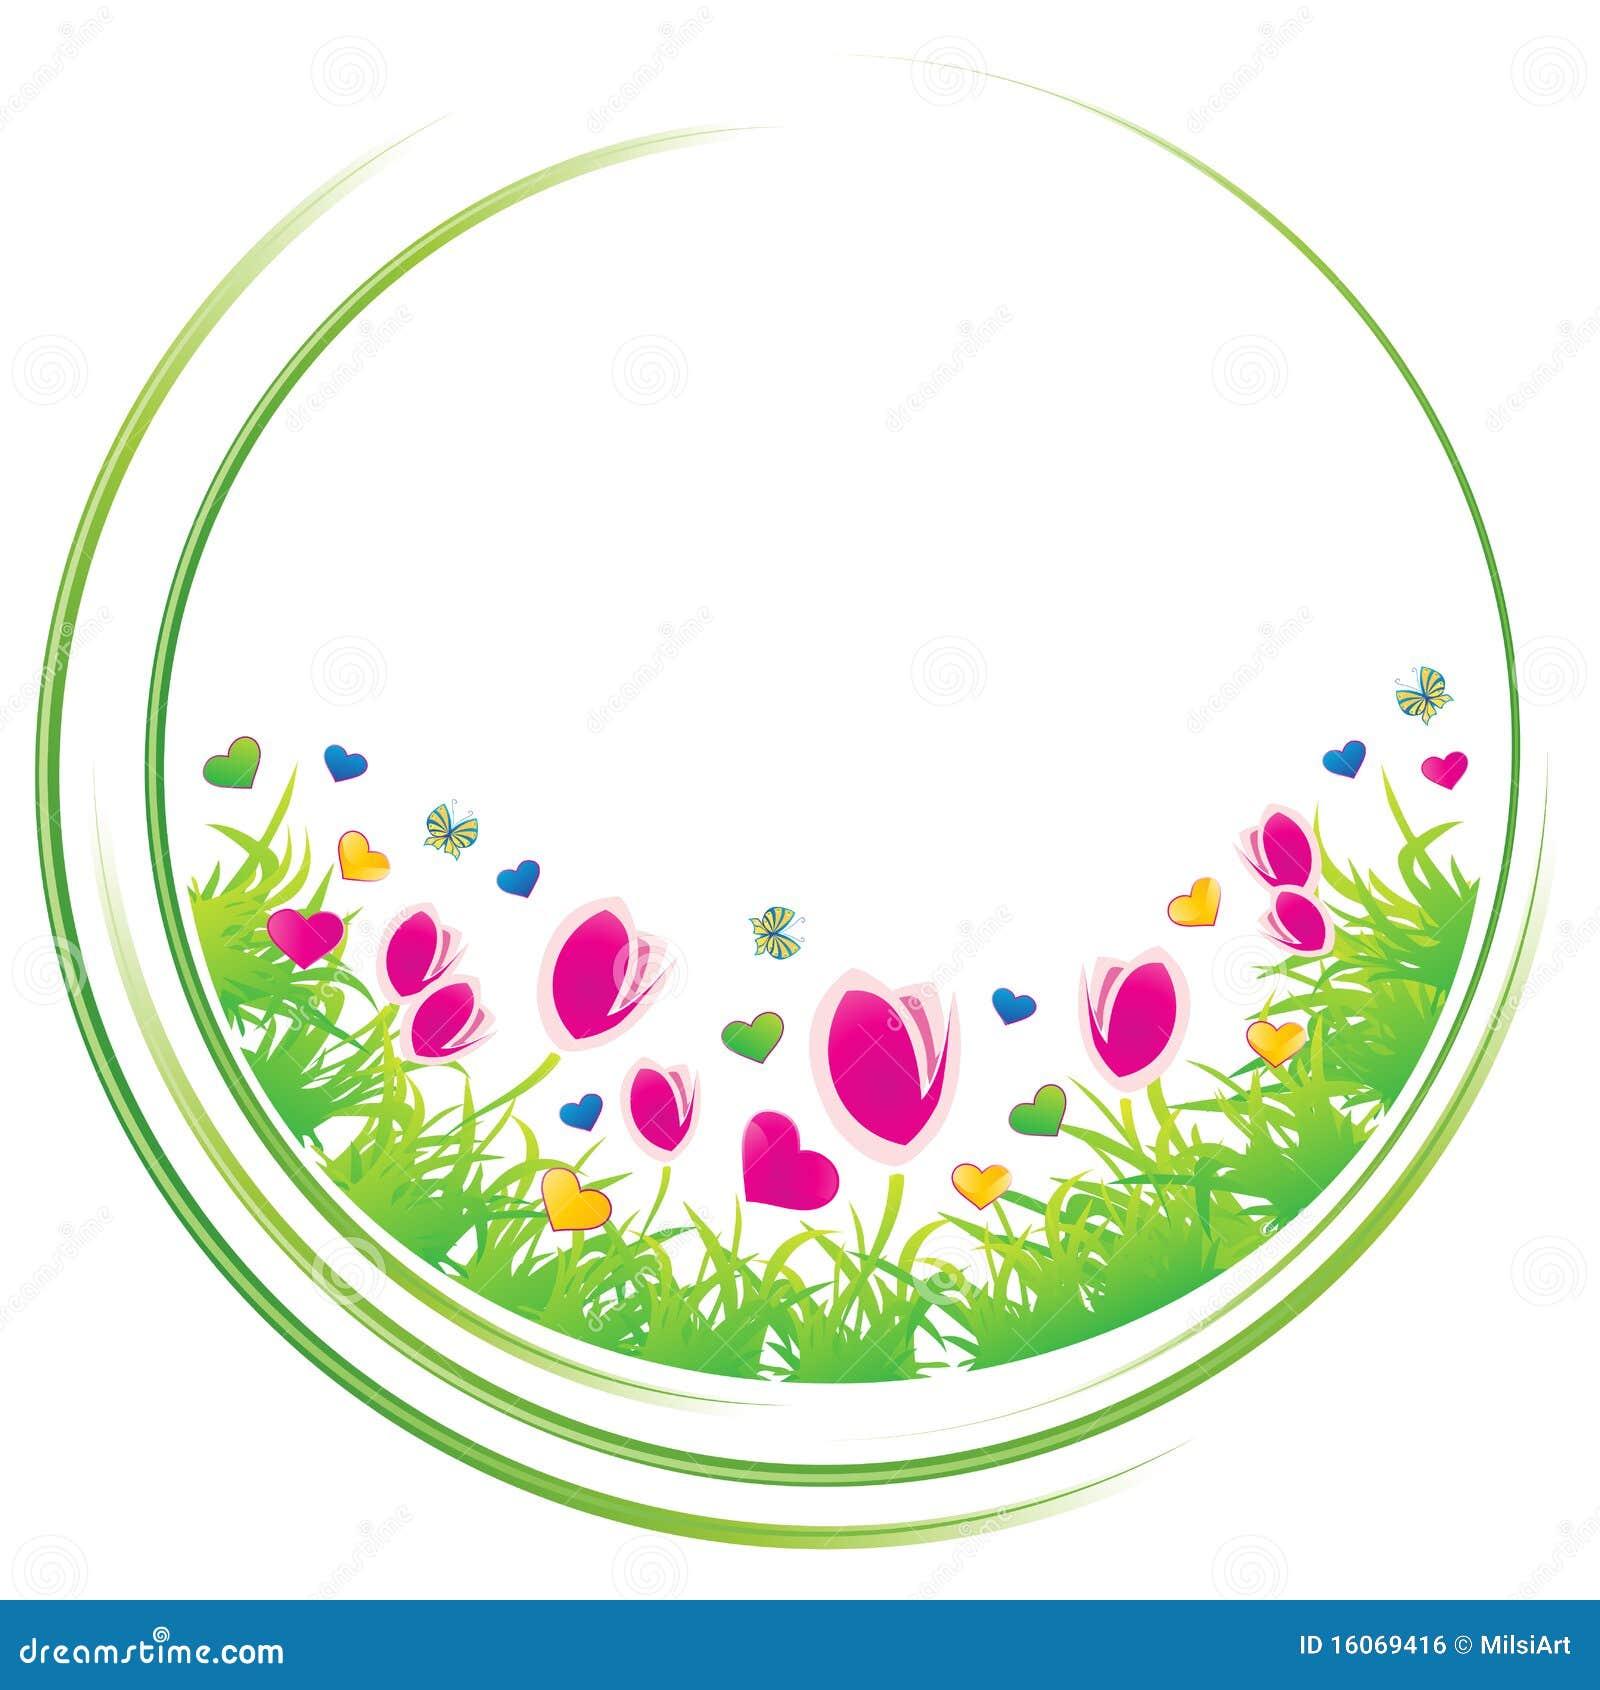 spring circle royalty free stock image image 16069416